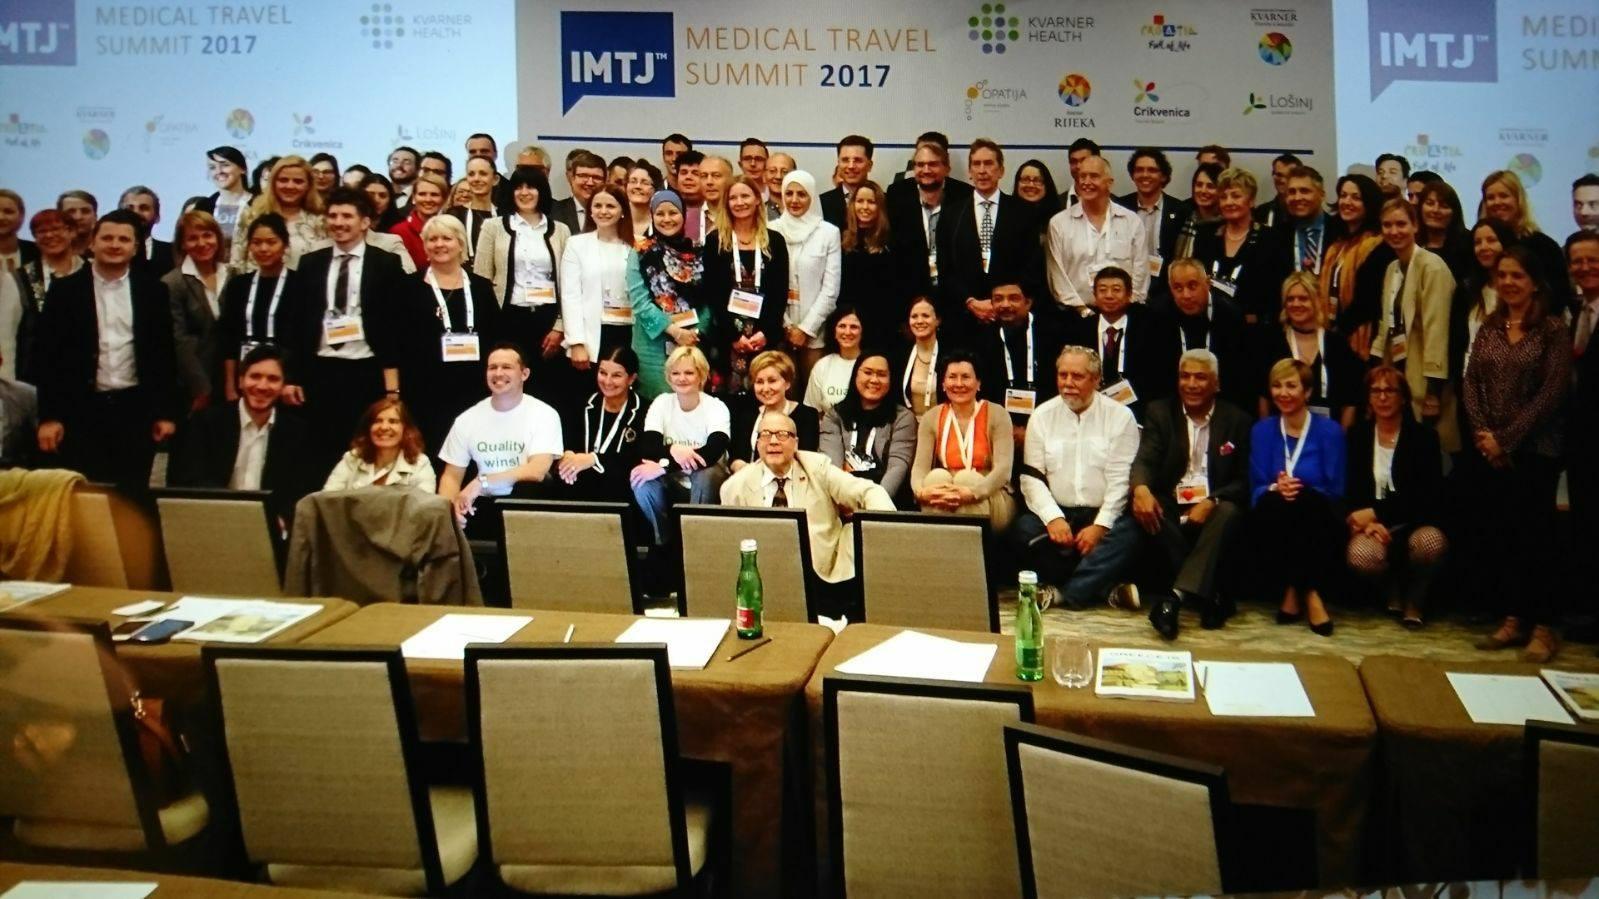 IMTJ summit insights